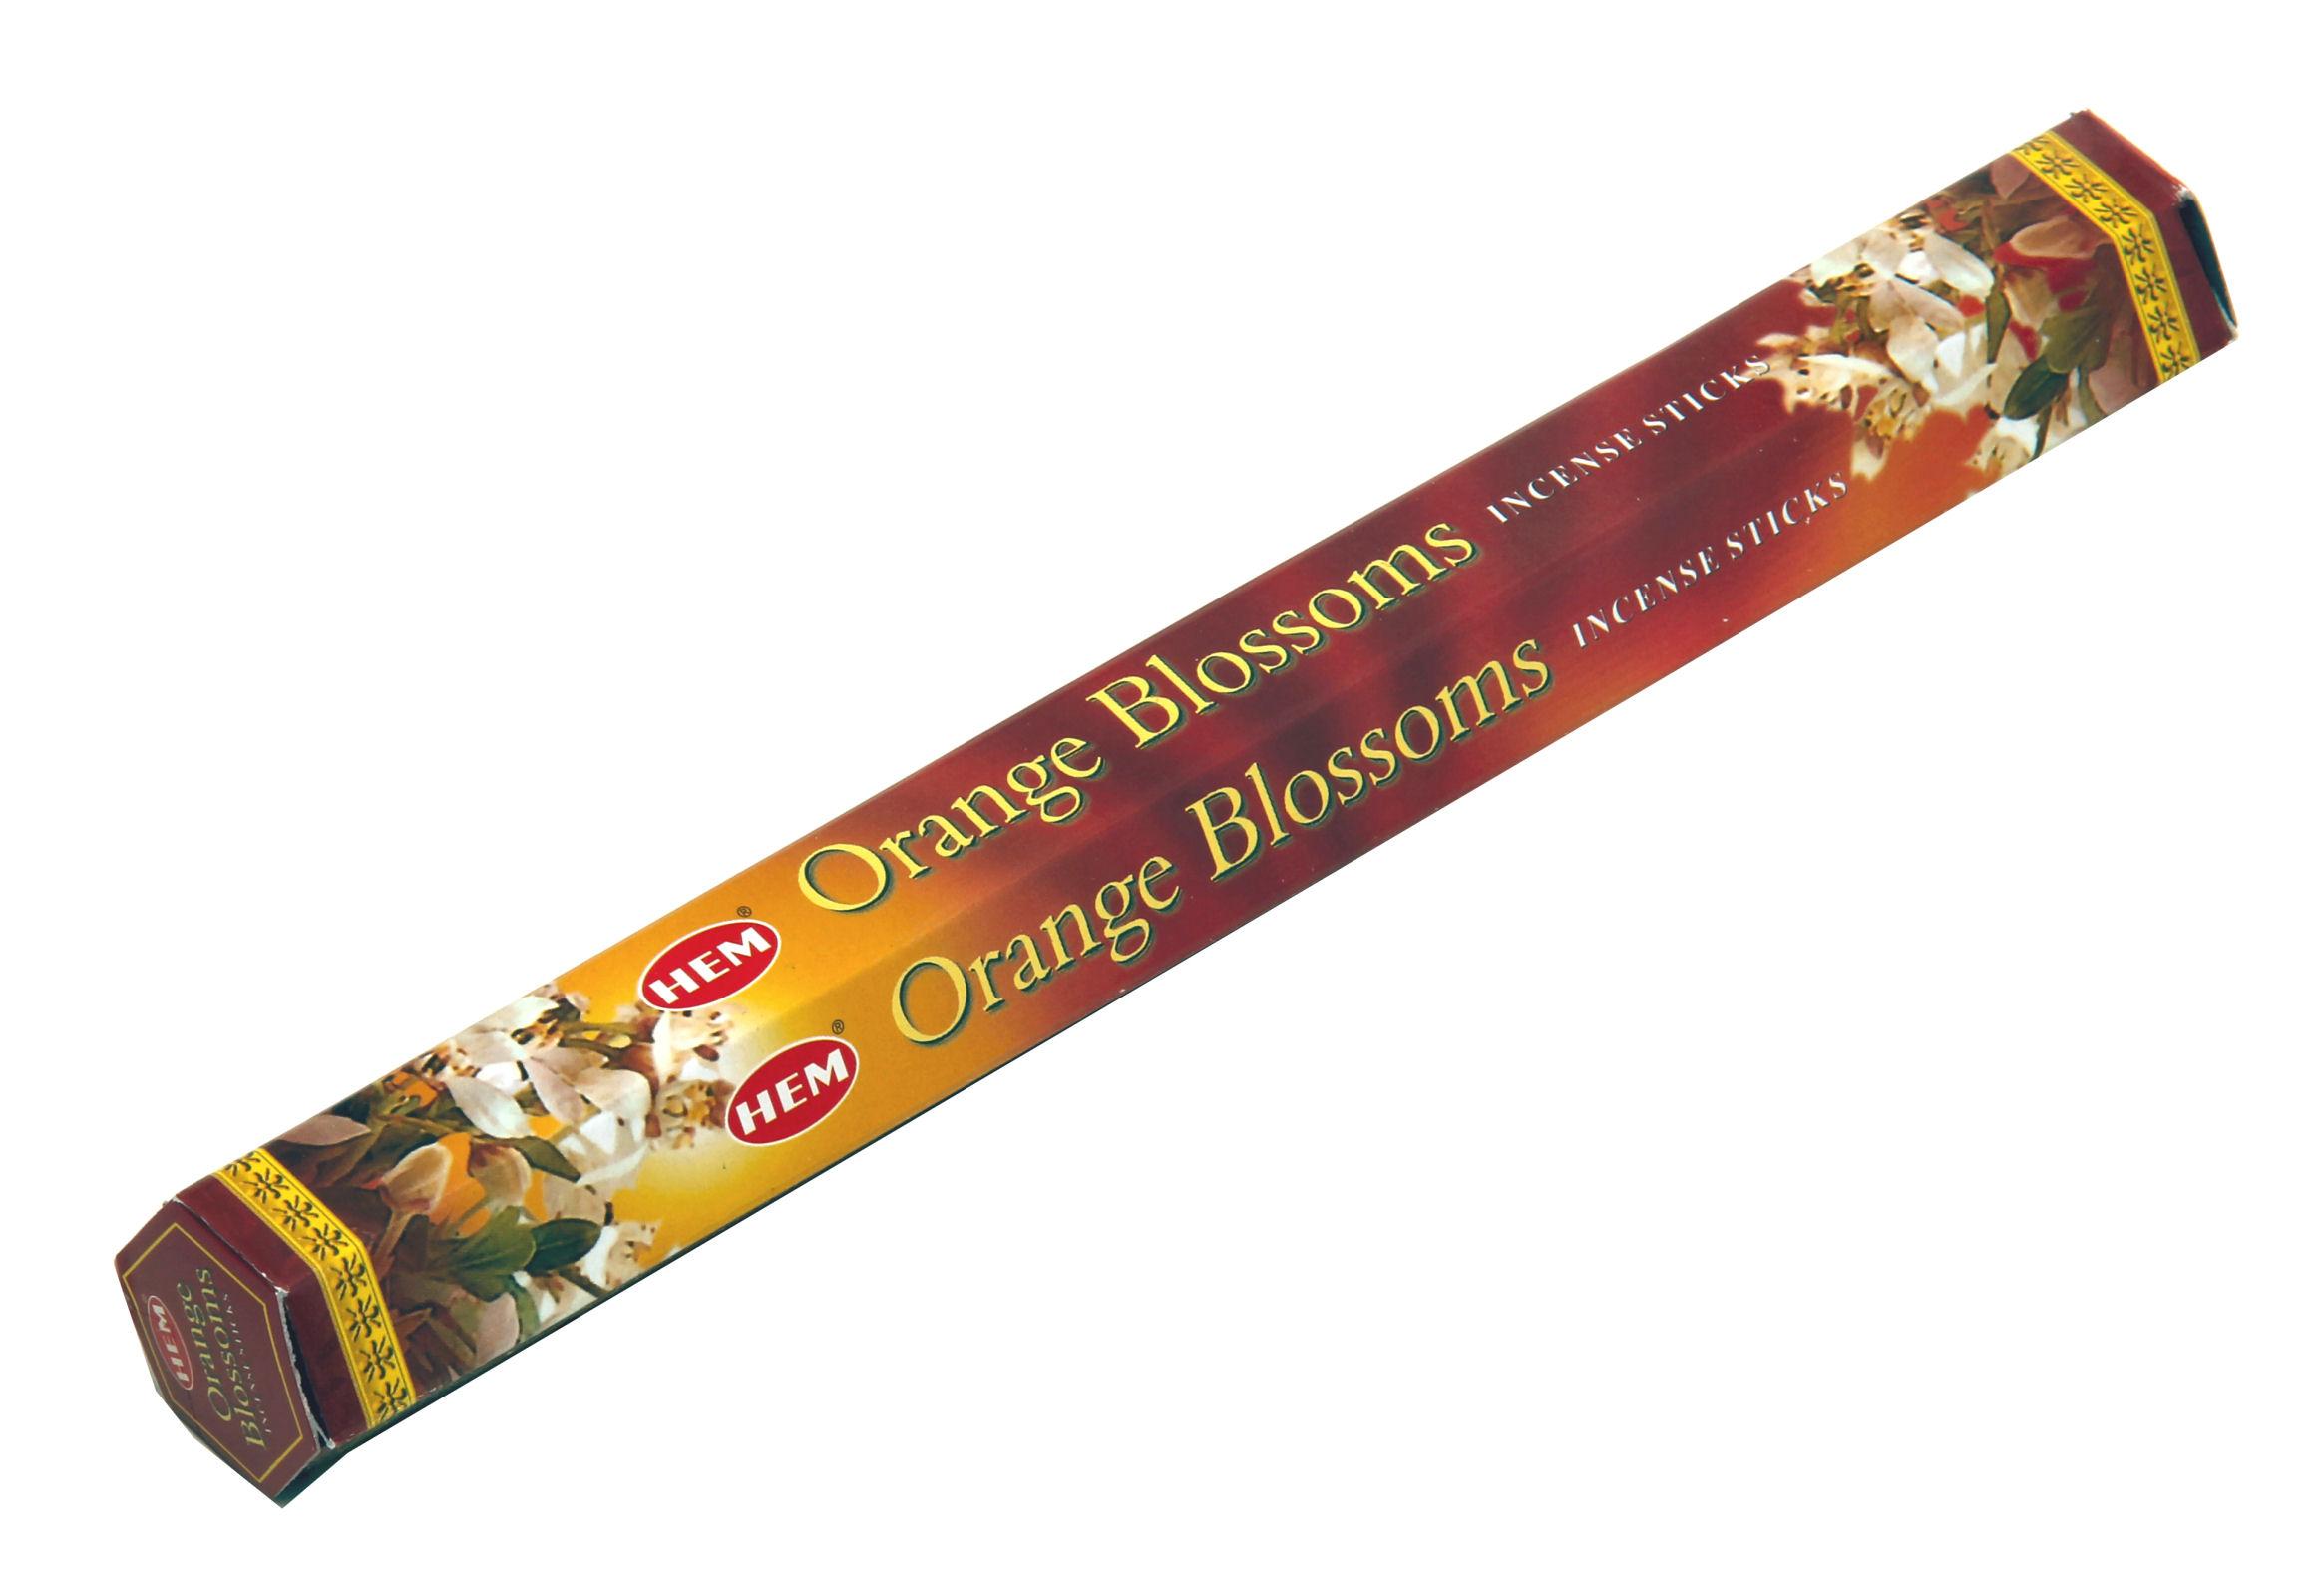 HEM Räucherstäbchen Orange Blossom 20g Hexa Packung  Ca. 20 Incence Sticks